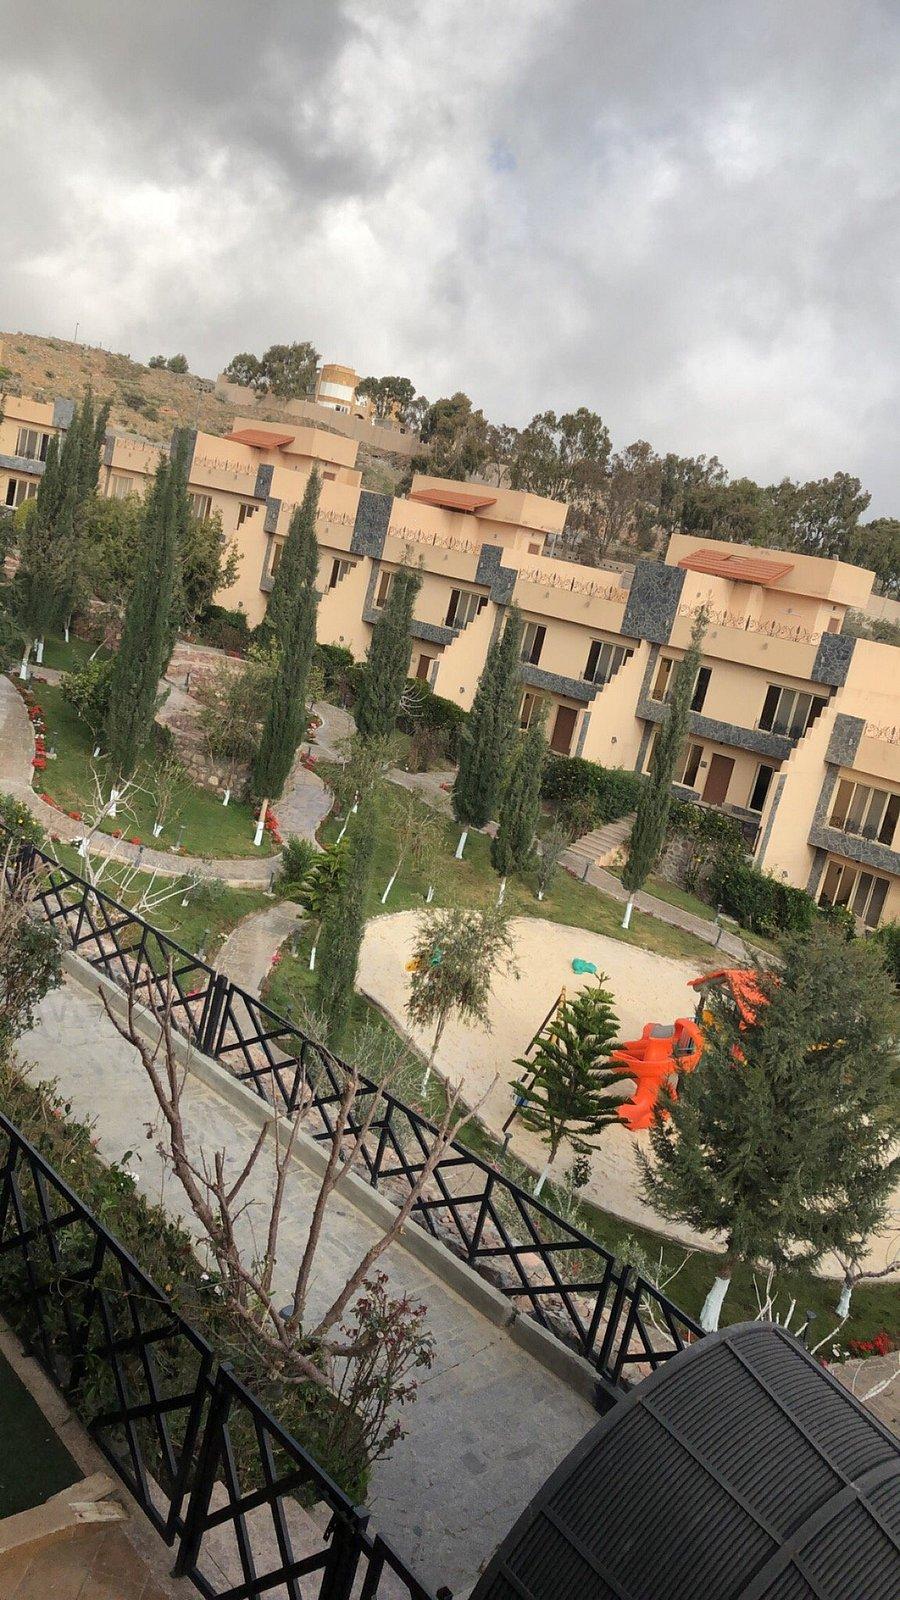 تعليقات ومقارنة أسعار فندق هوتل Al Wadi Touristic Resort الشفا المملكة العربية السعودية دار ضيافة Tripadvisor